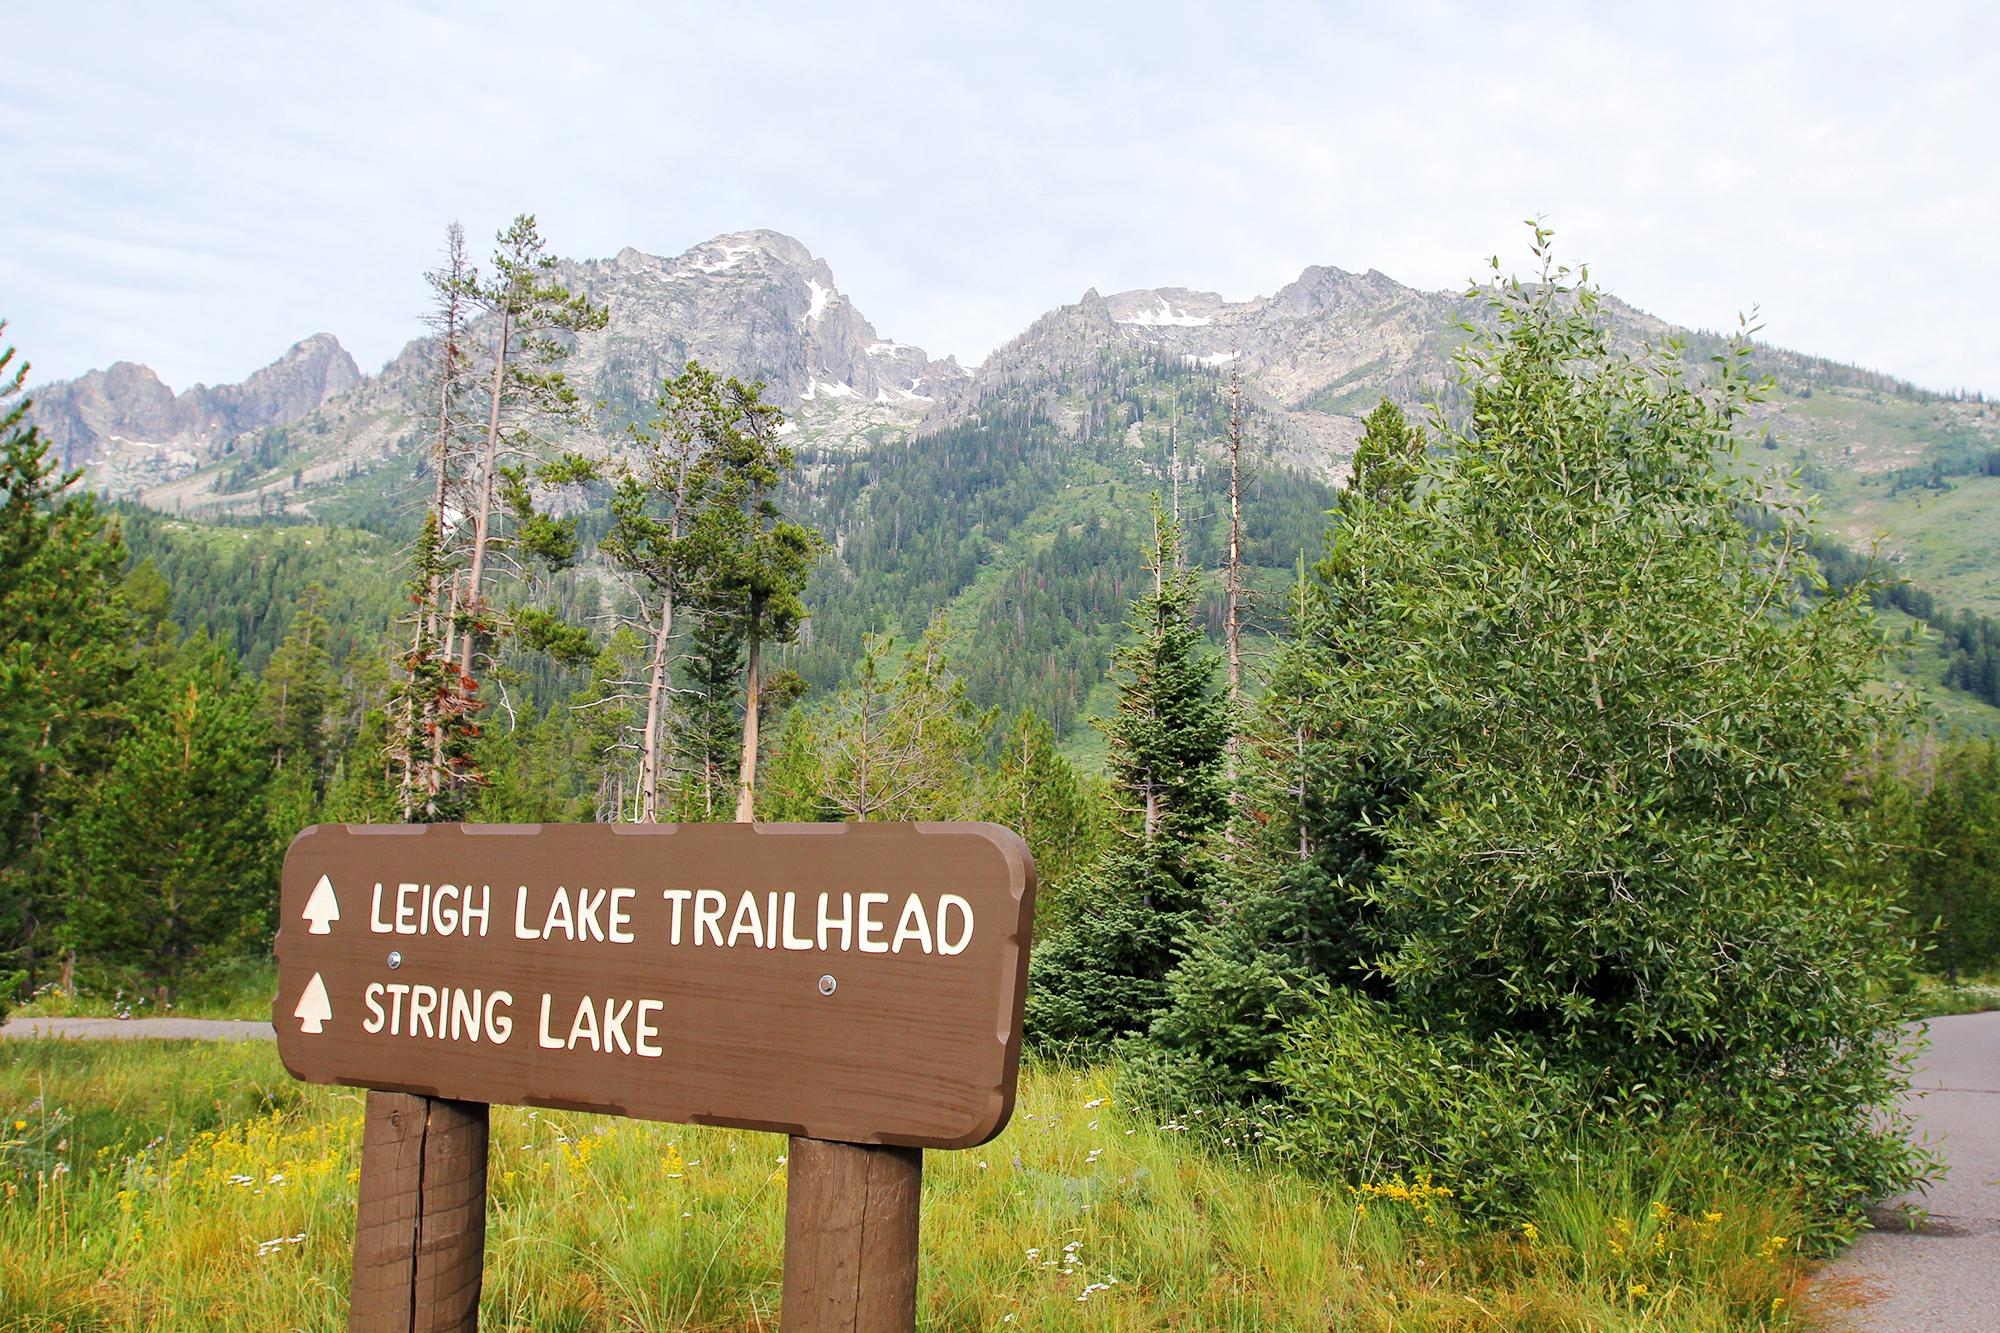 jo-torrijos-states-of-reverie-grand-teton-national-park-string-lake-hike-1.jpg